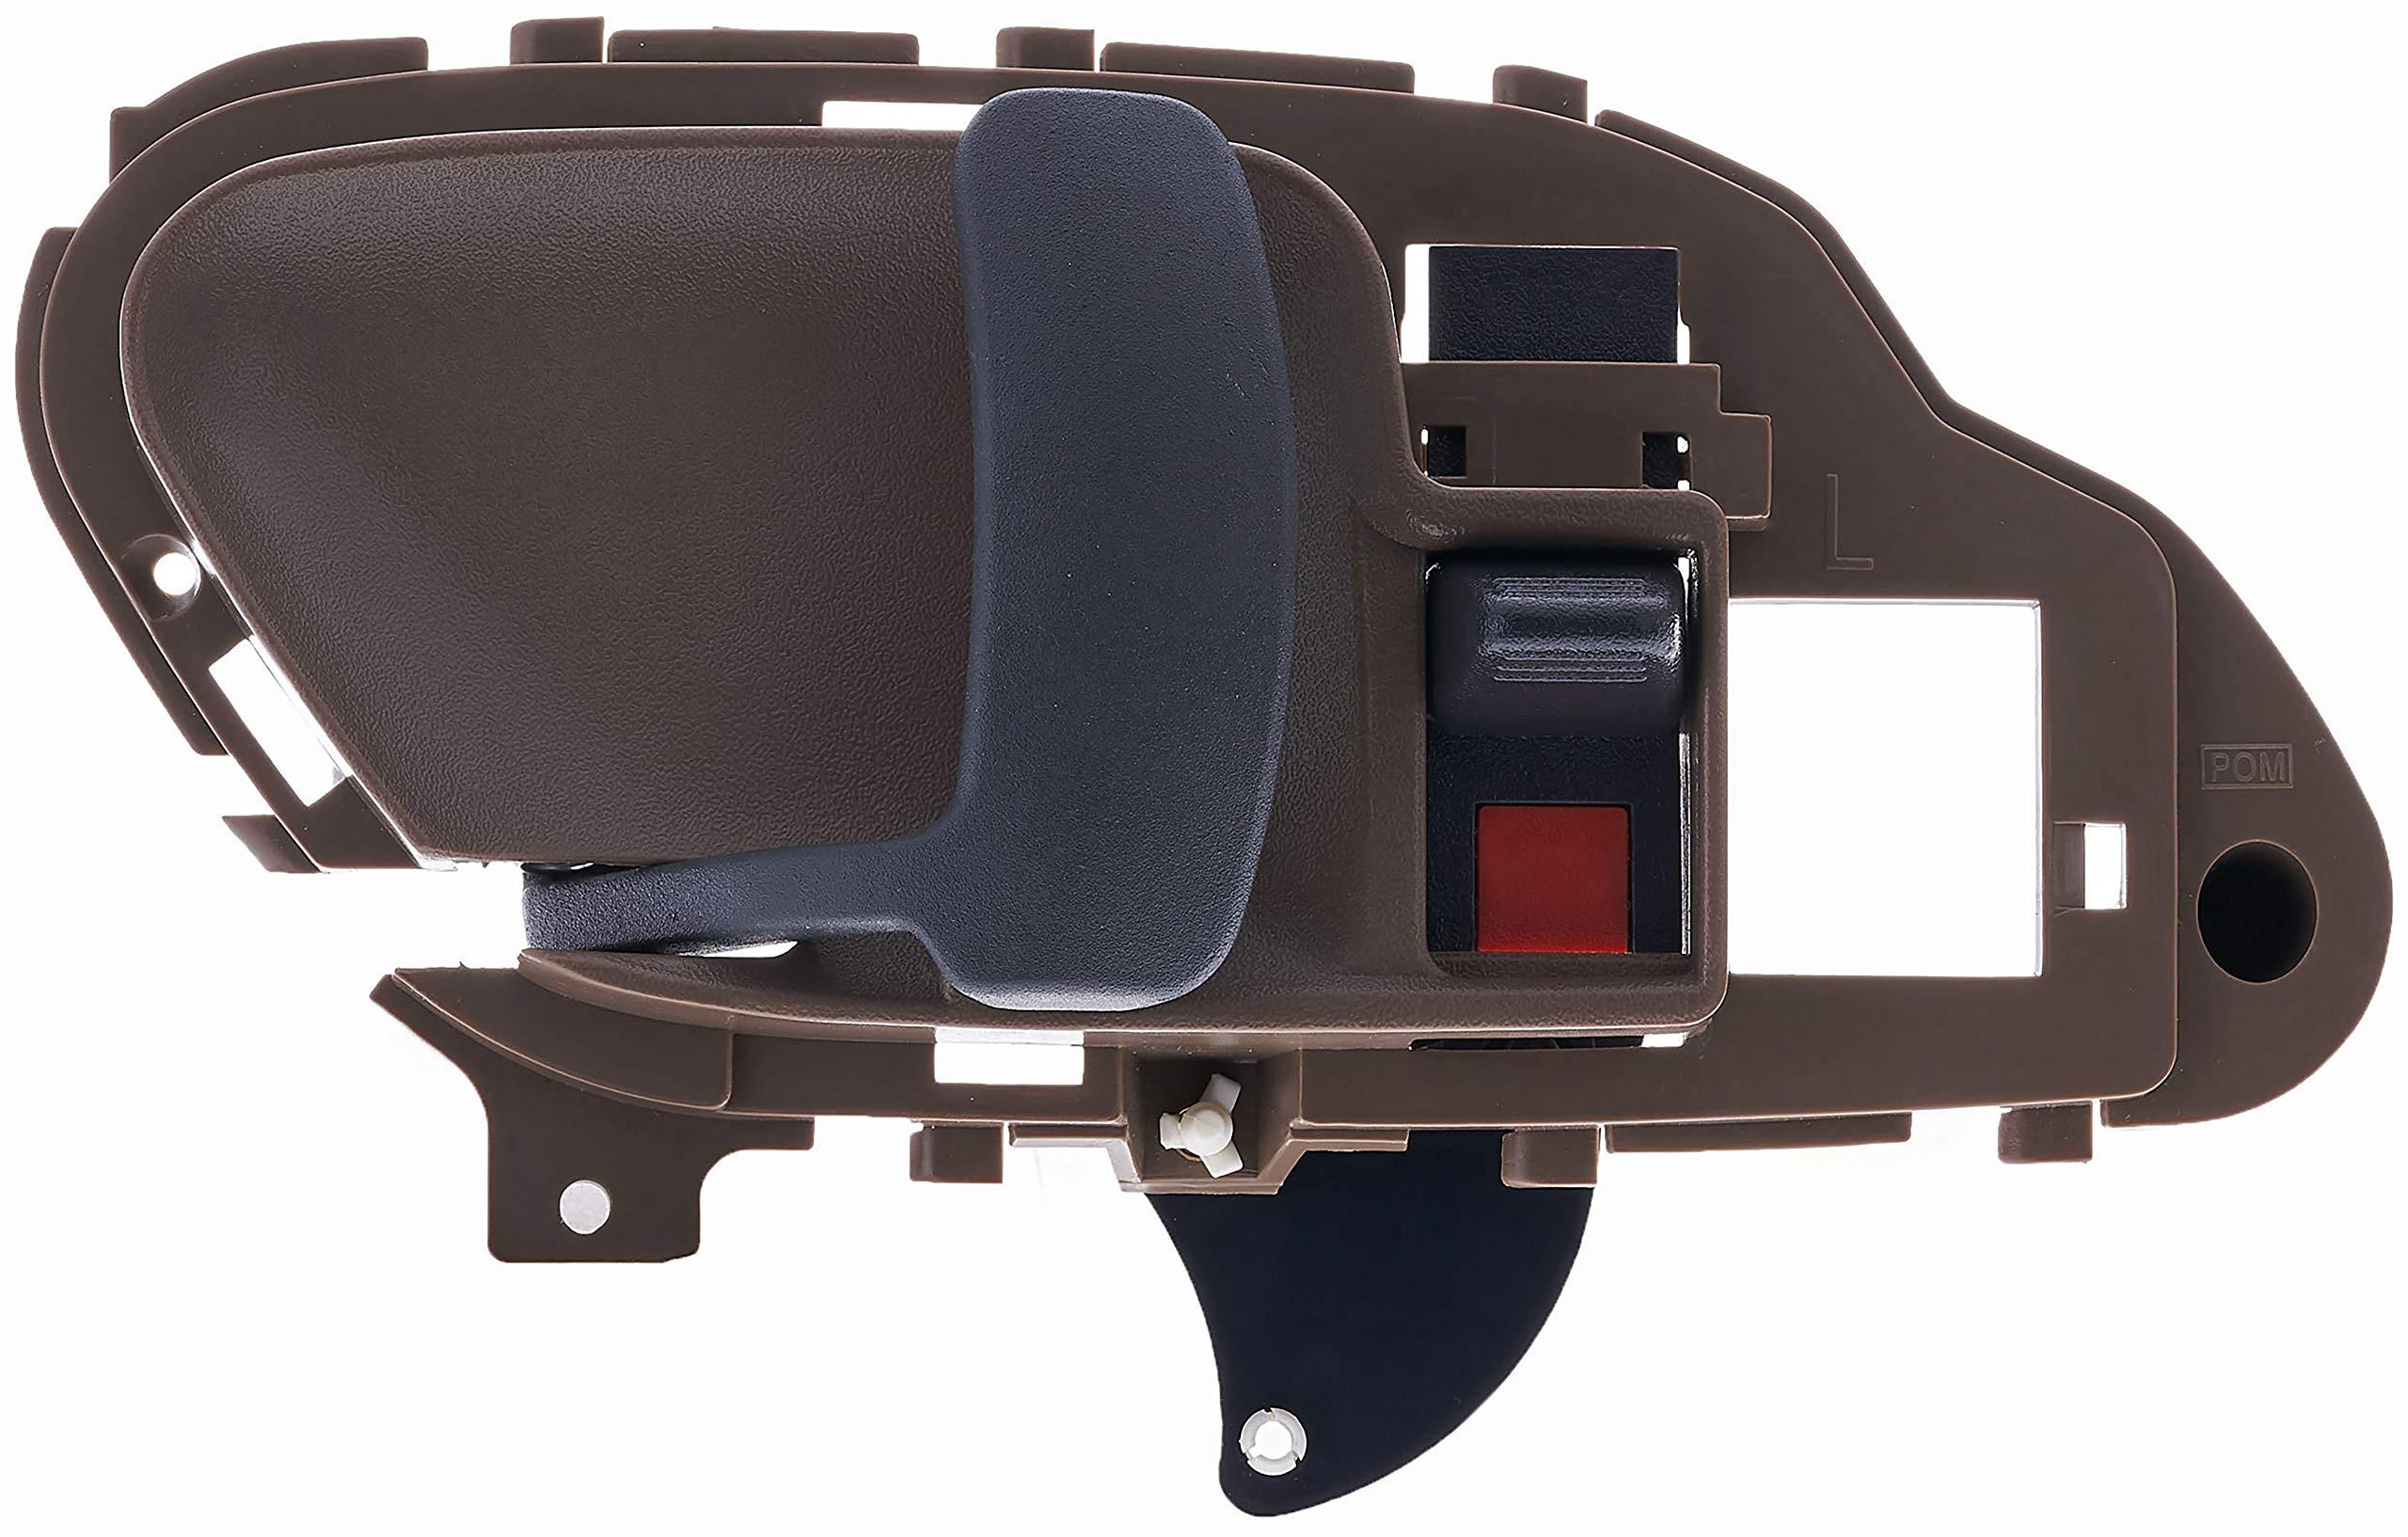 Dorman 90007 Cadillac/Chevrolet/GMC Driver Side Interior Door Handle